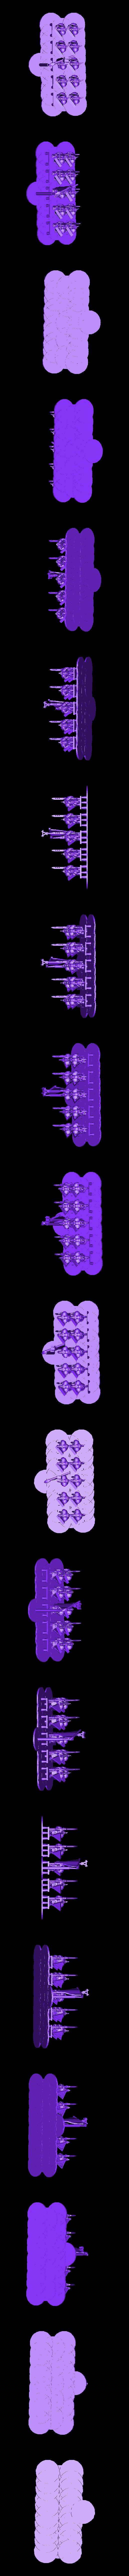 StormVerminwithbanner.stl Télécharger fichier STL gratuit Remix de StormVermin par VidovicArts avec bannière de guerre • Modèle pour imprimante 3D, barnEbiss2